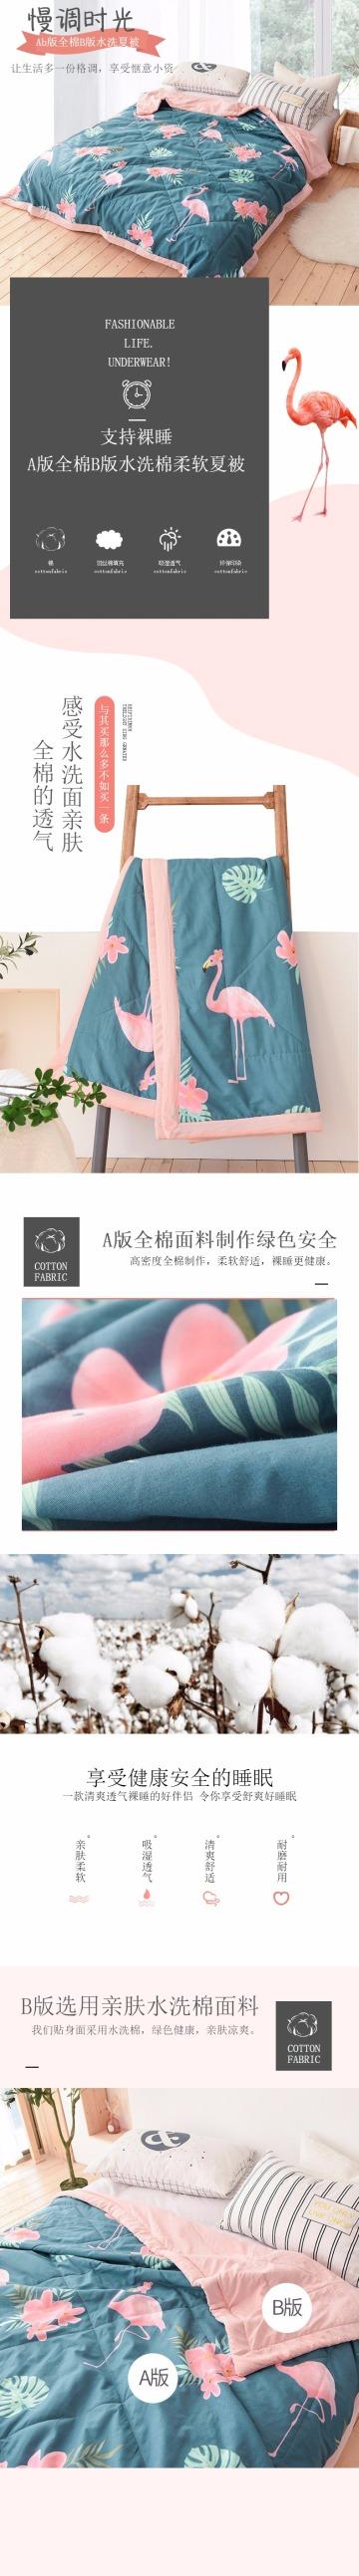 清新极简家纺棉被电商详情页